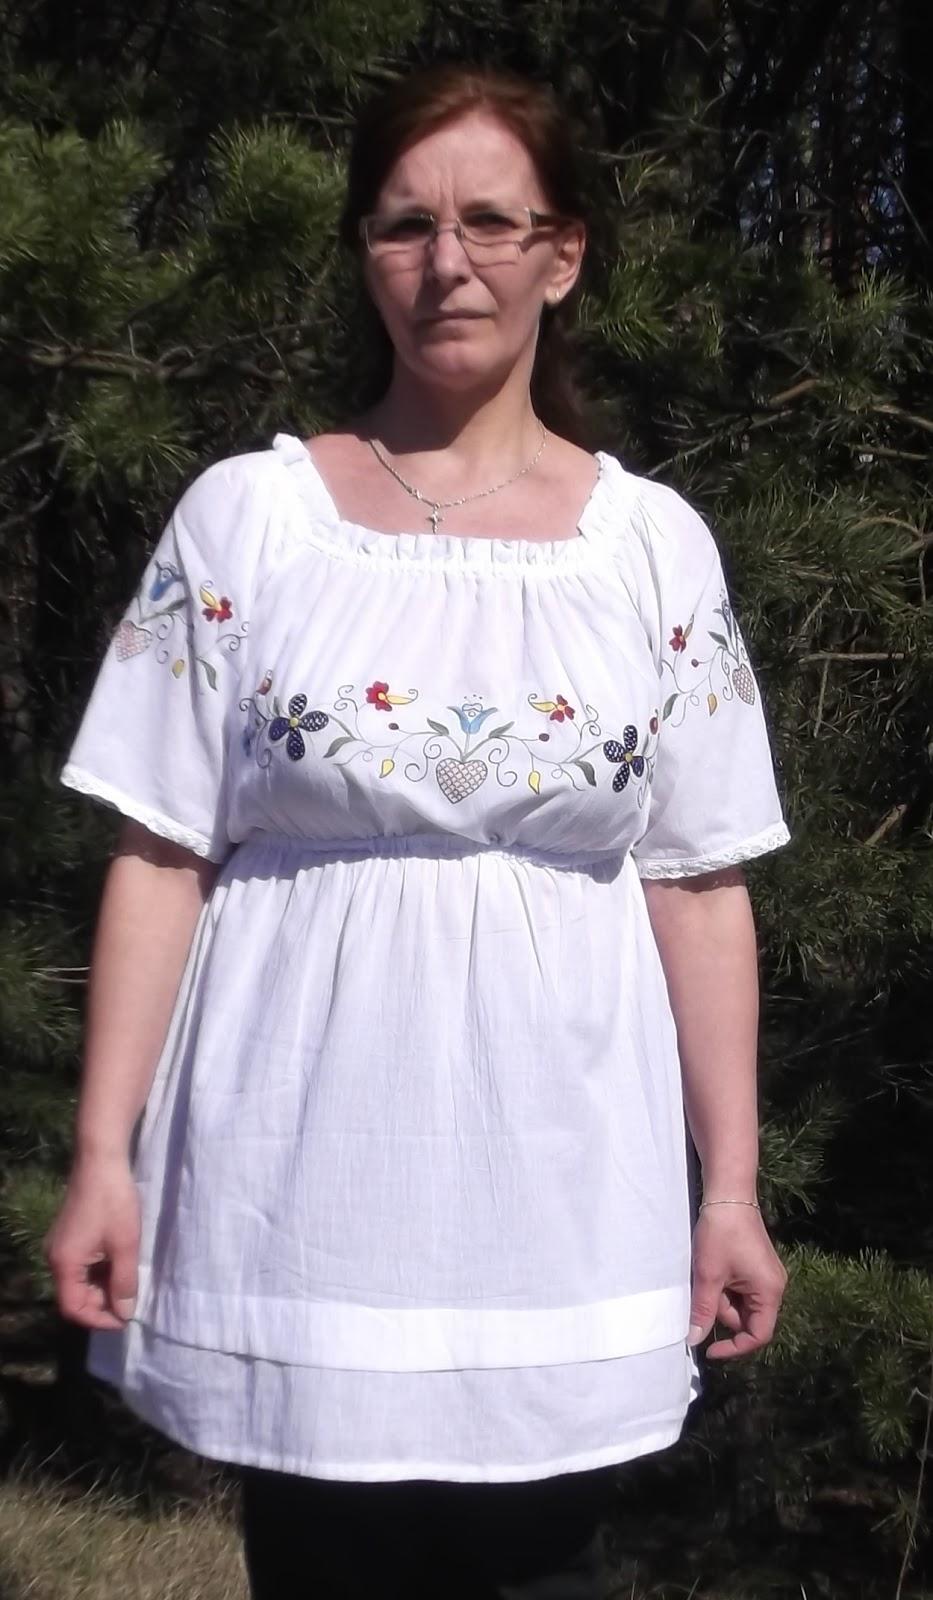 Haftowana chłopka- wyjątkowa bluzeczka na lato!